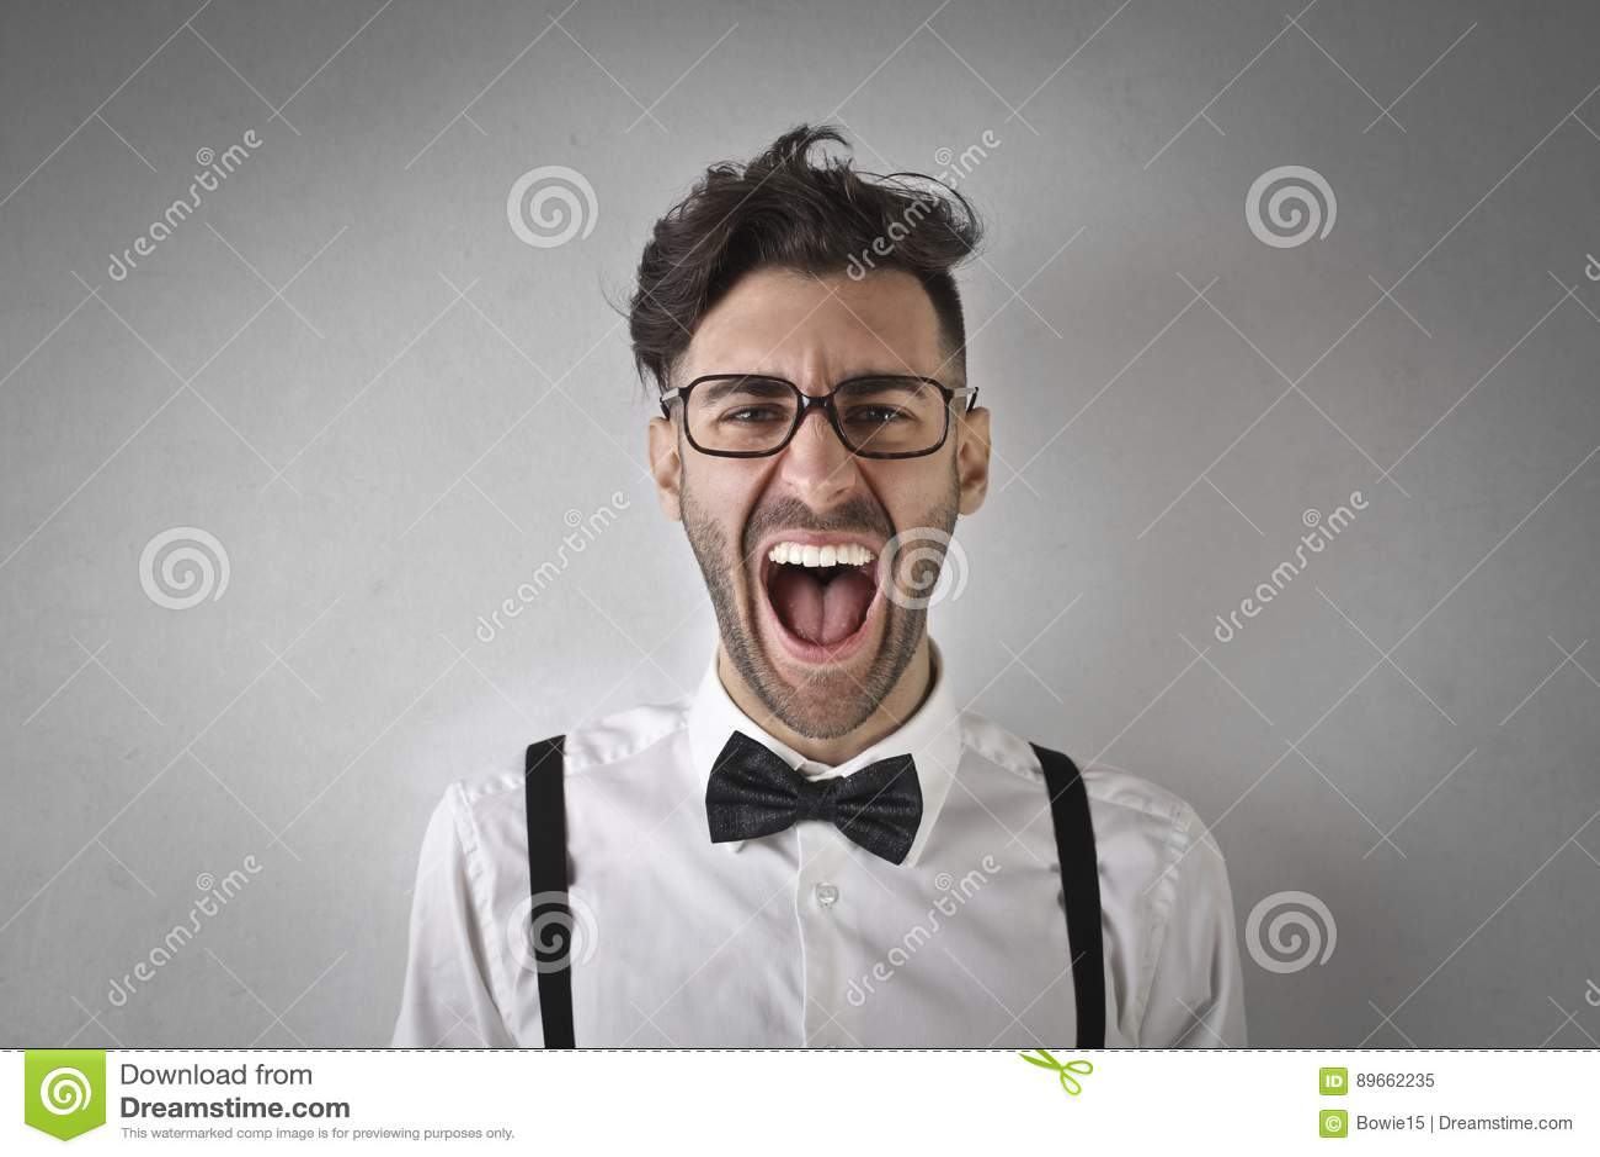 Portrait eines jungen schreienden Mannes